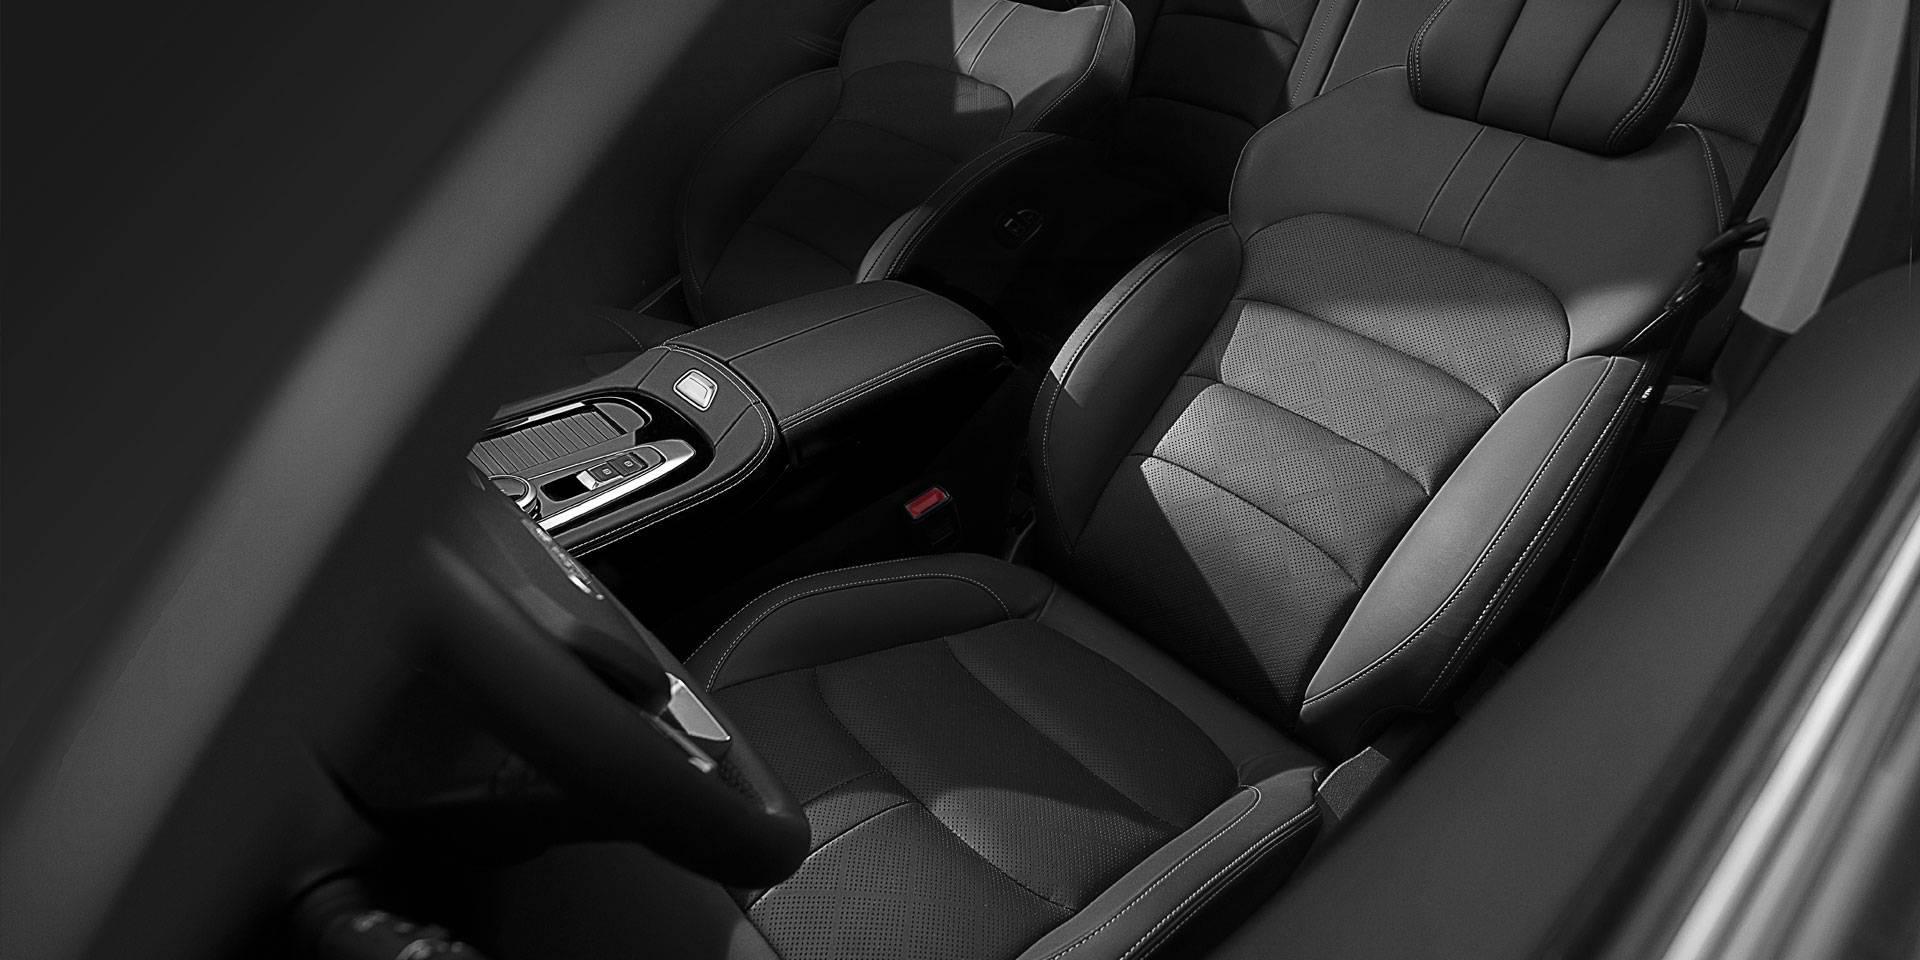 創維EV6正式上市,補貼后售價15.28萬起,能否一舉成名?